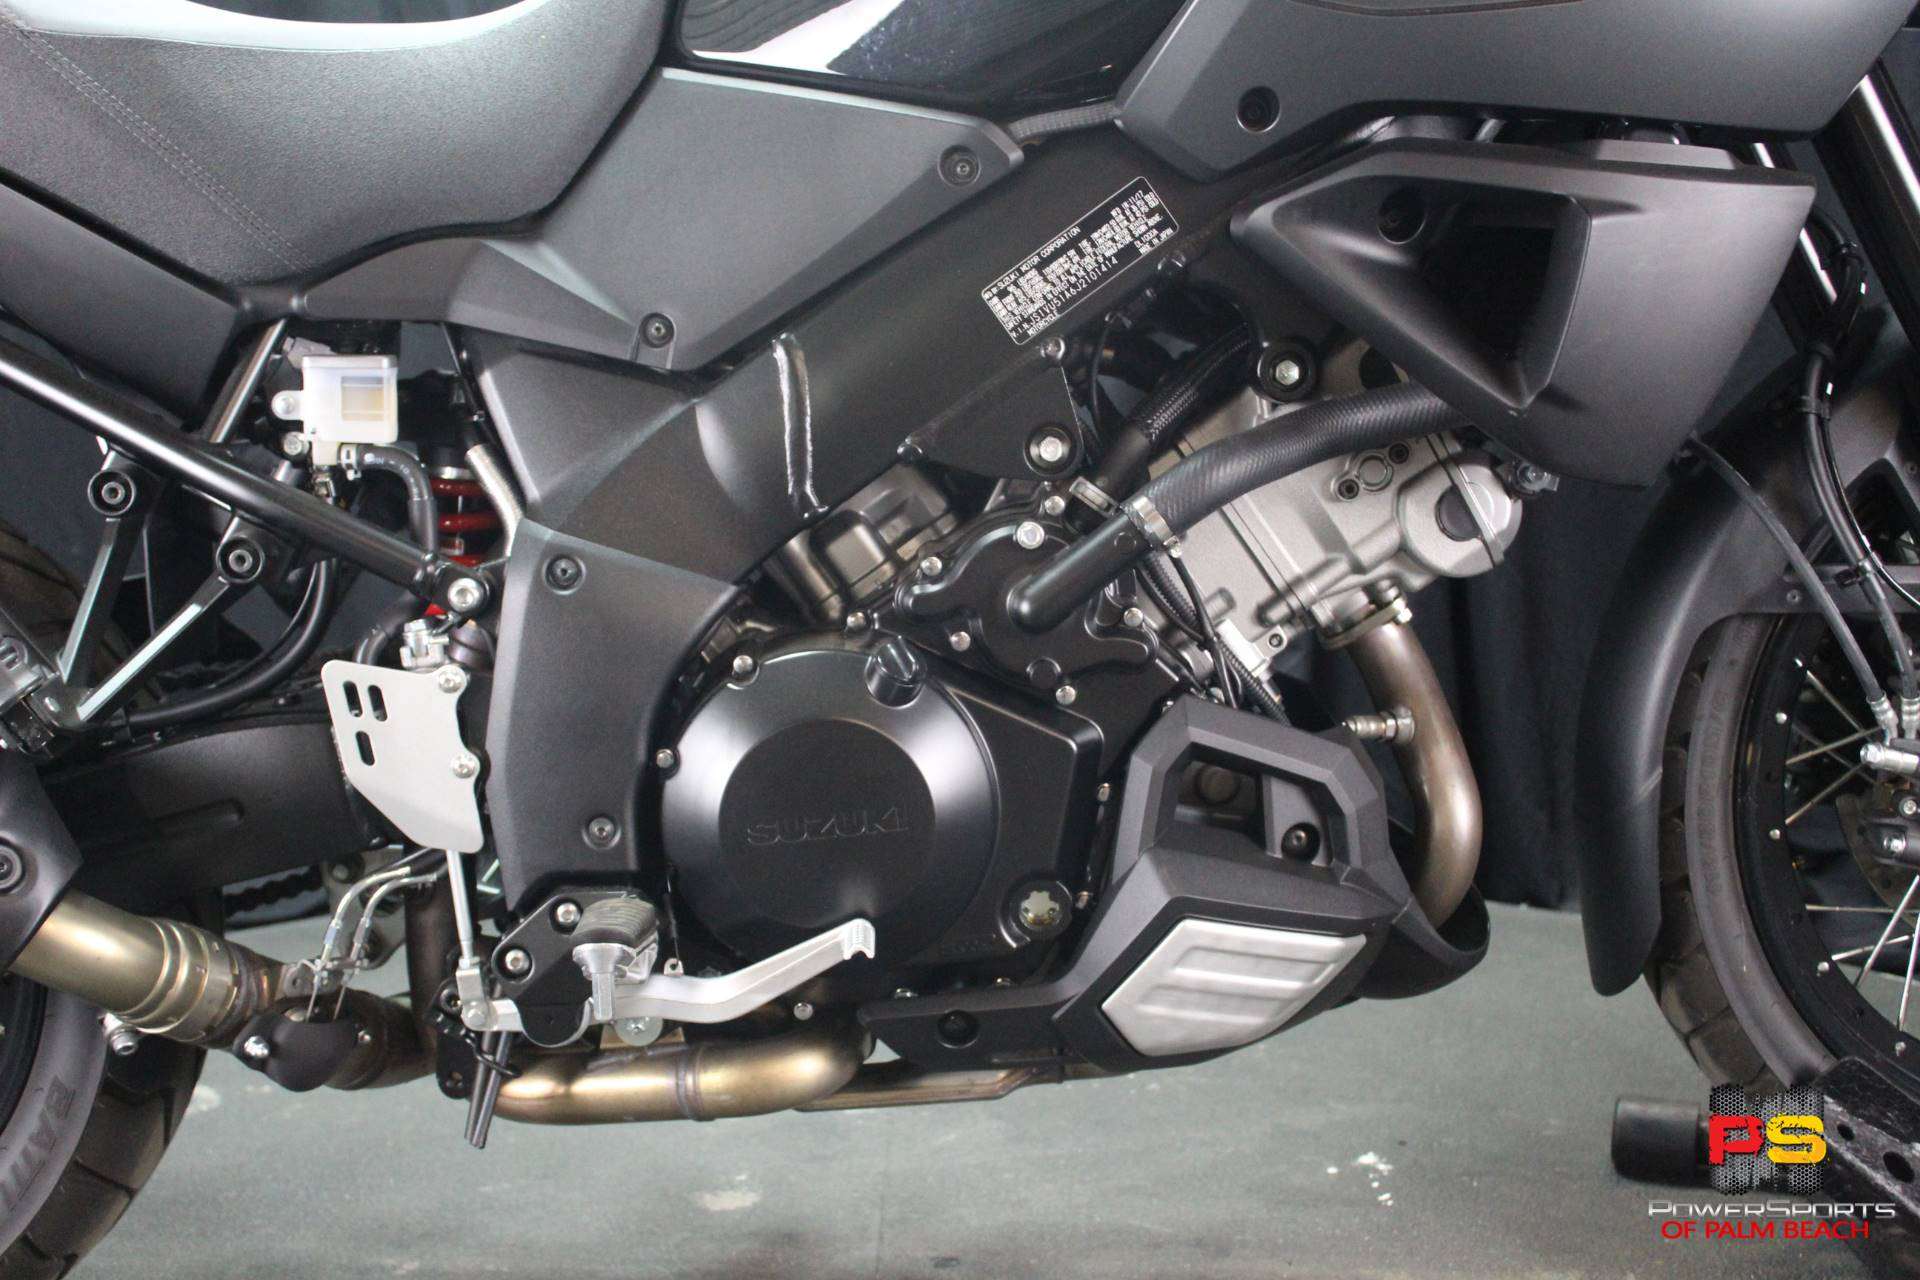 2018 Suzuki V-Strom 1000XT 4